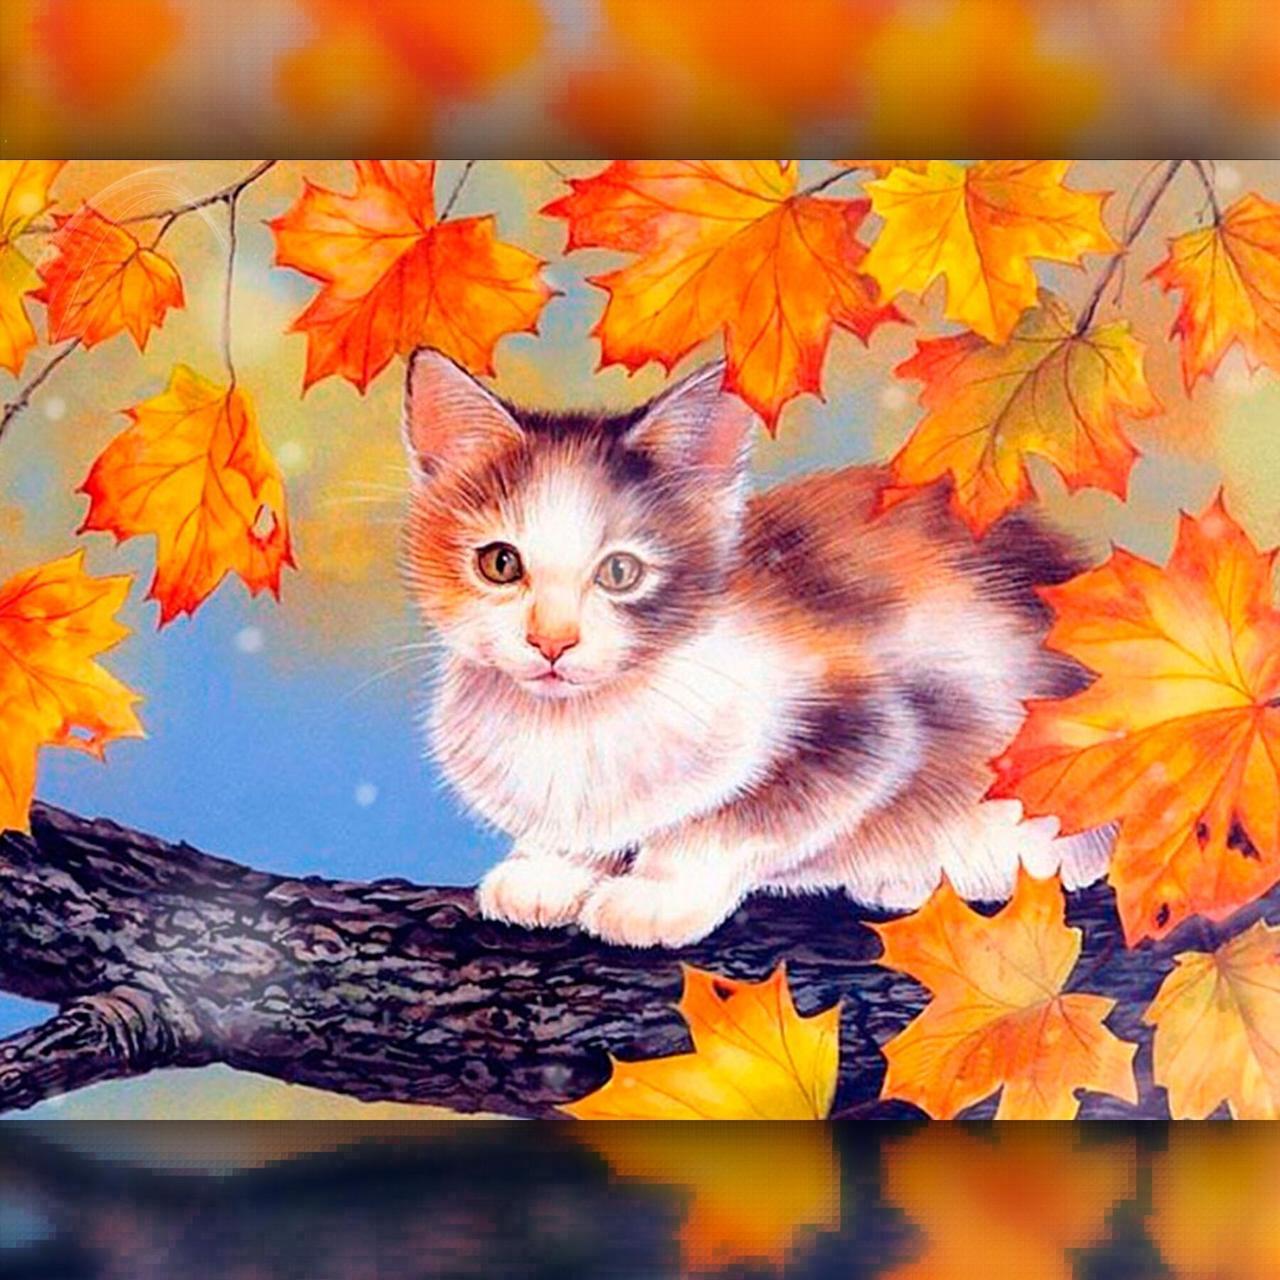 TWD20025 Набор алмазной вышивки Котик на дереве